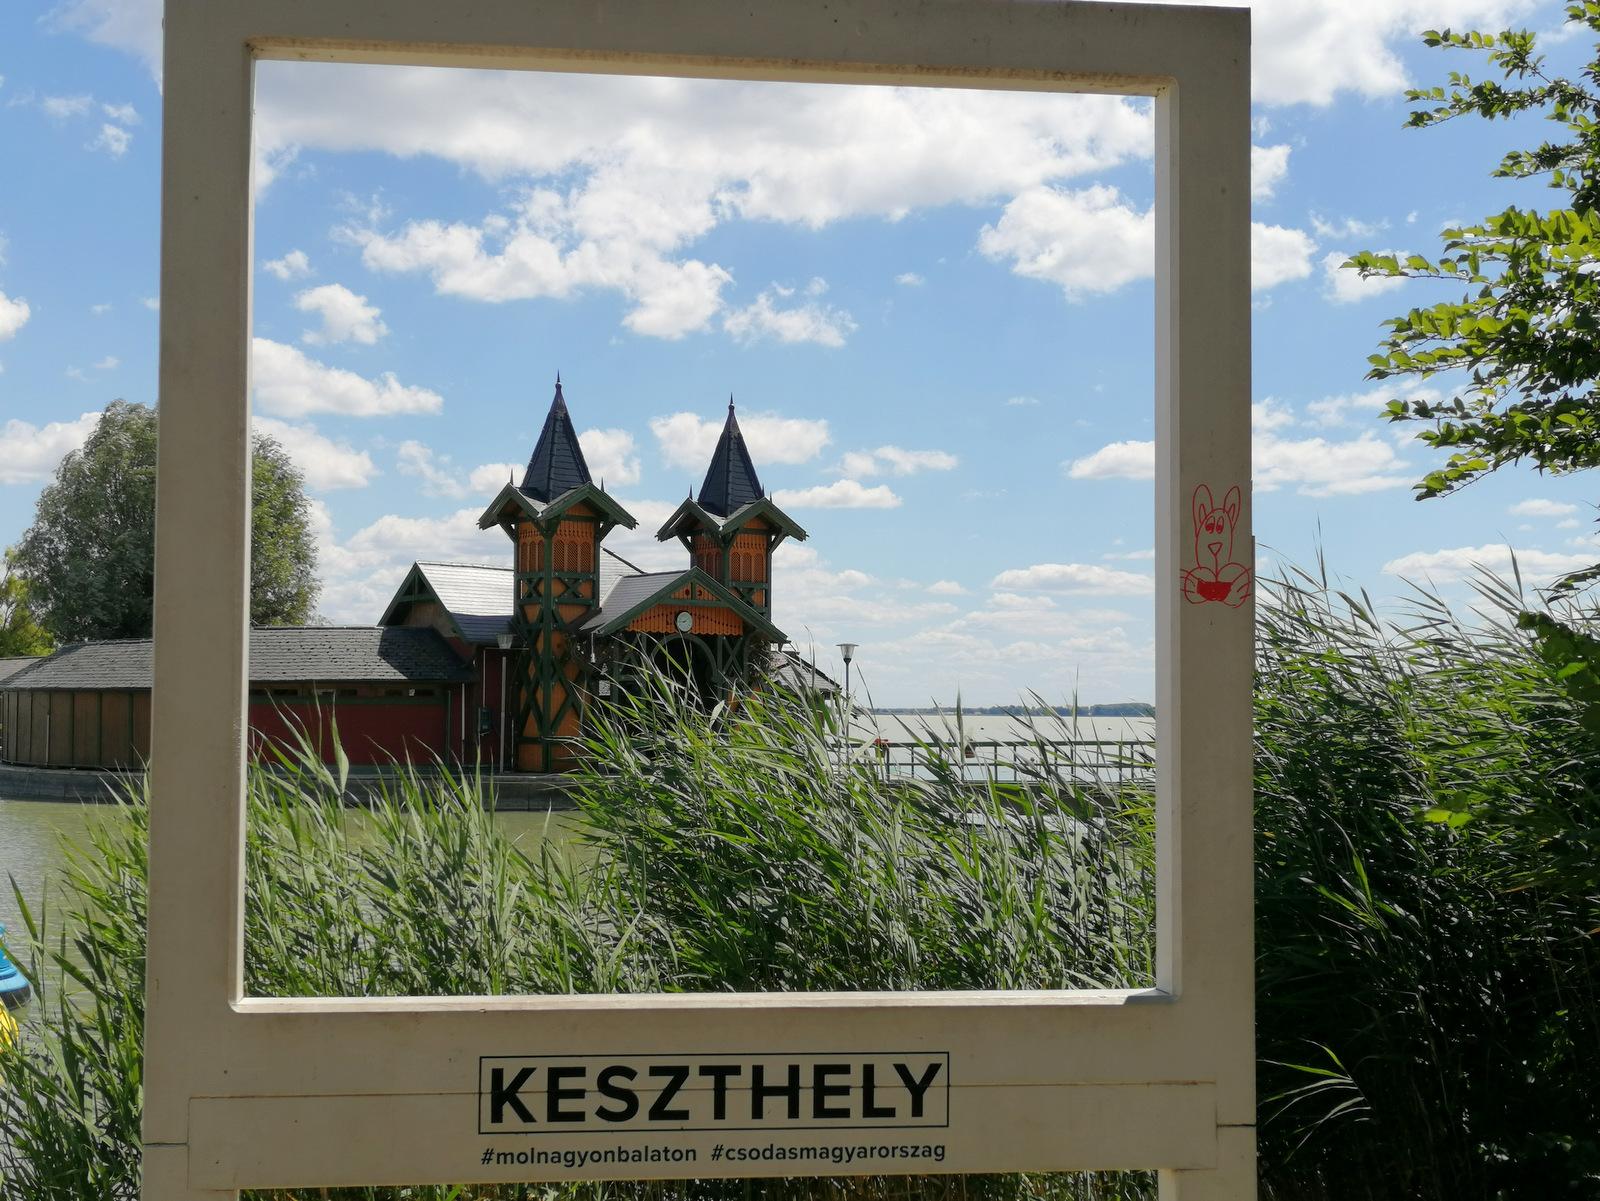 Keszthely, Madžarska